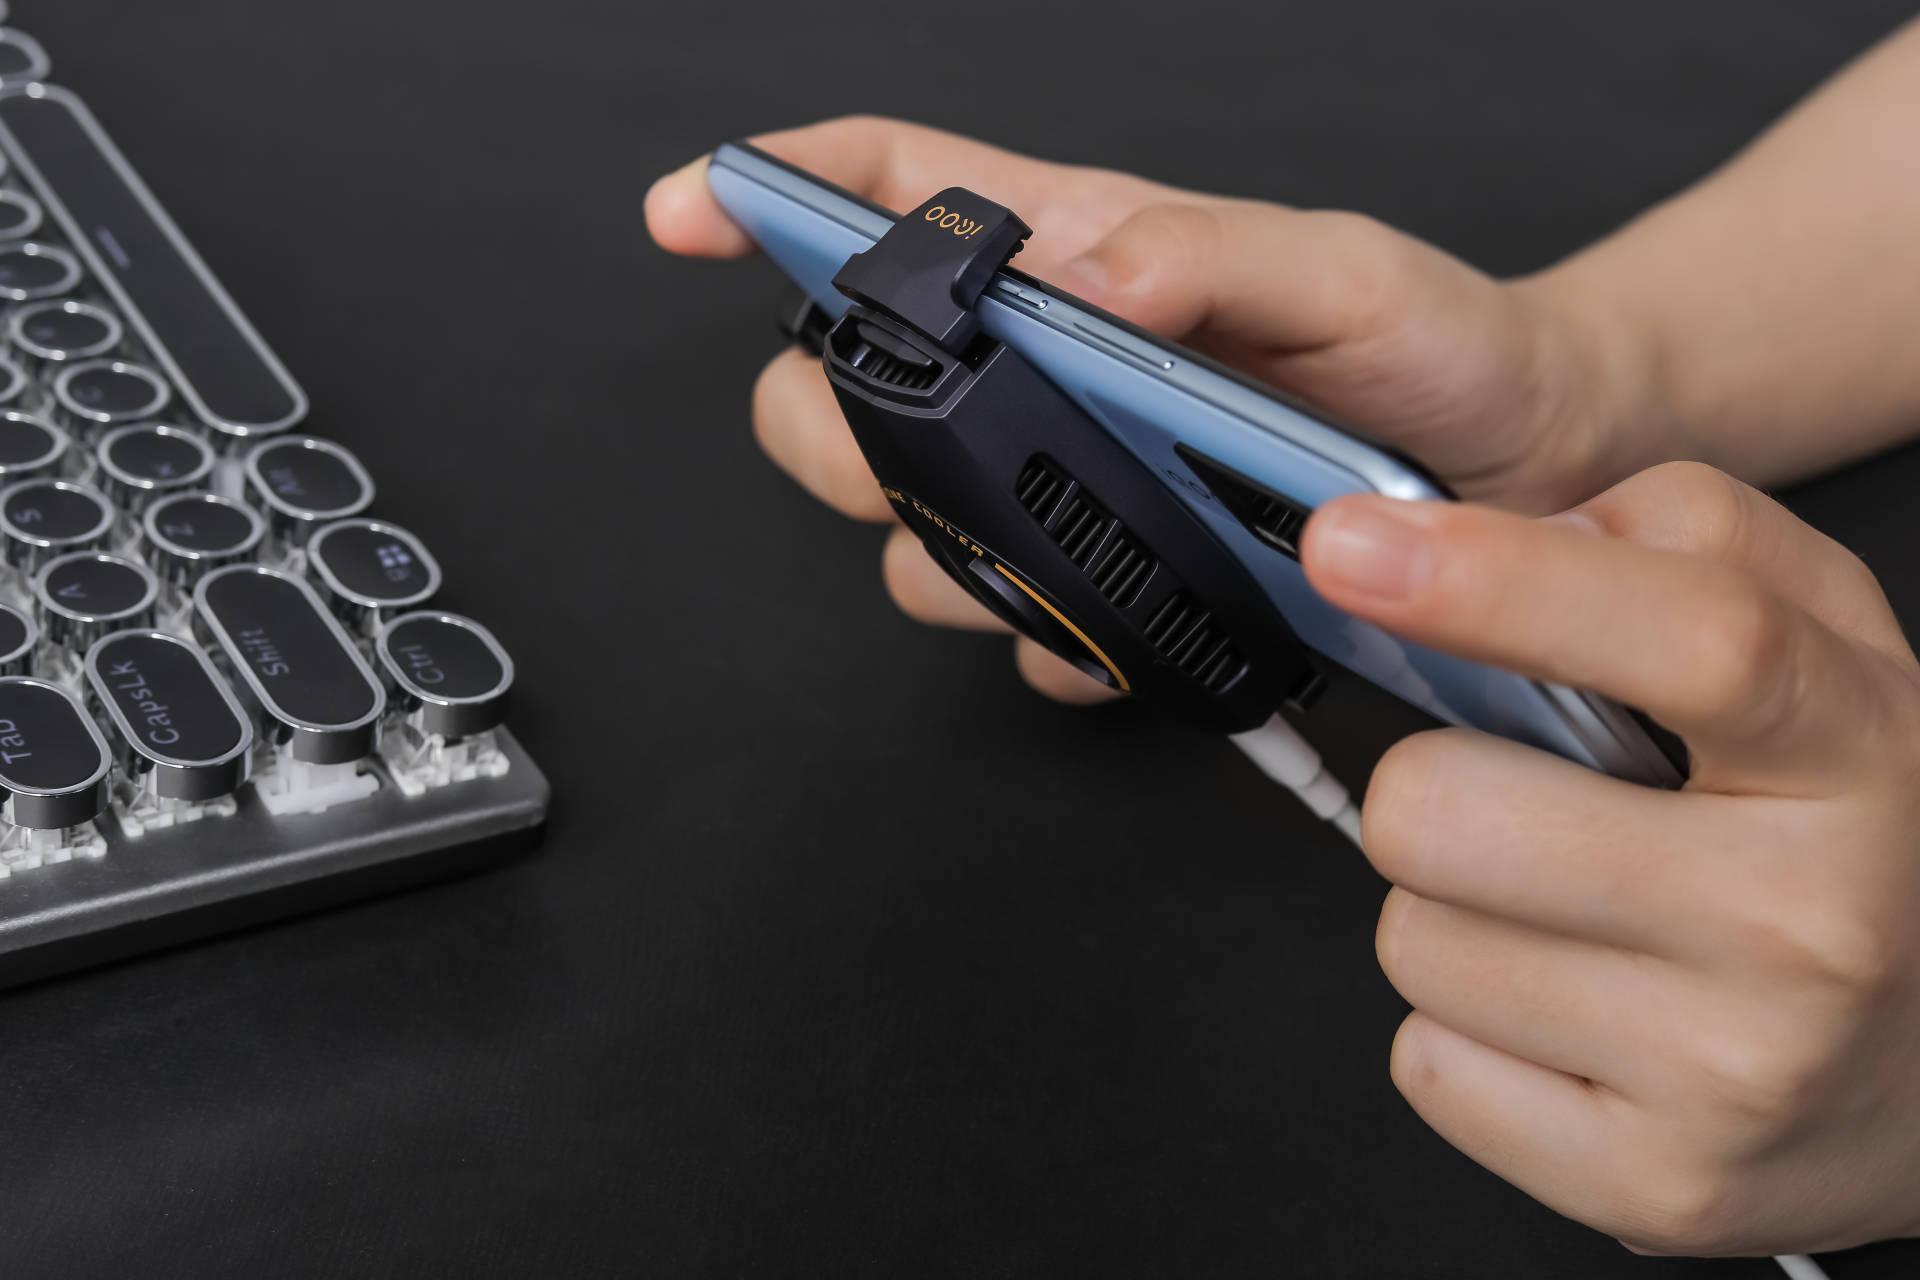 vivo手机哪款比较好用2500以内(最值入手的等价手机测评)